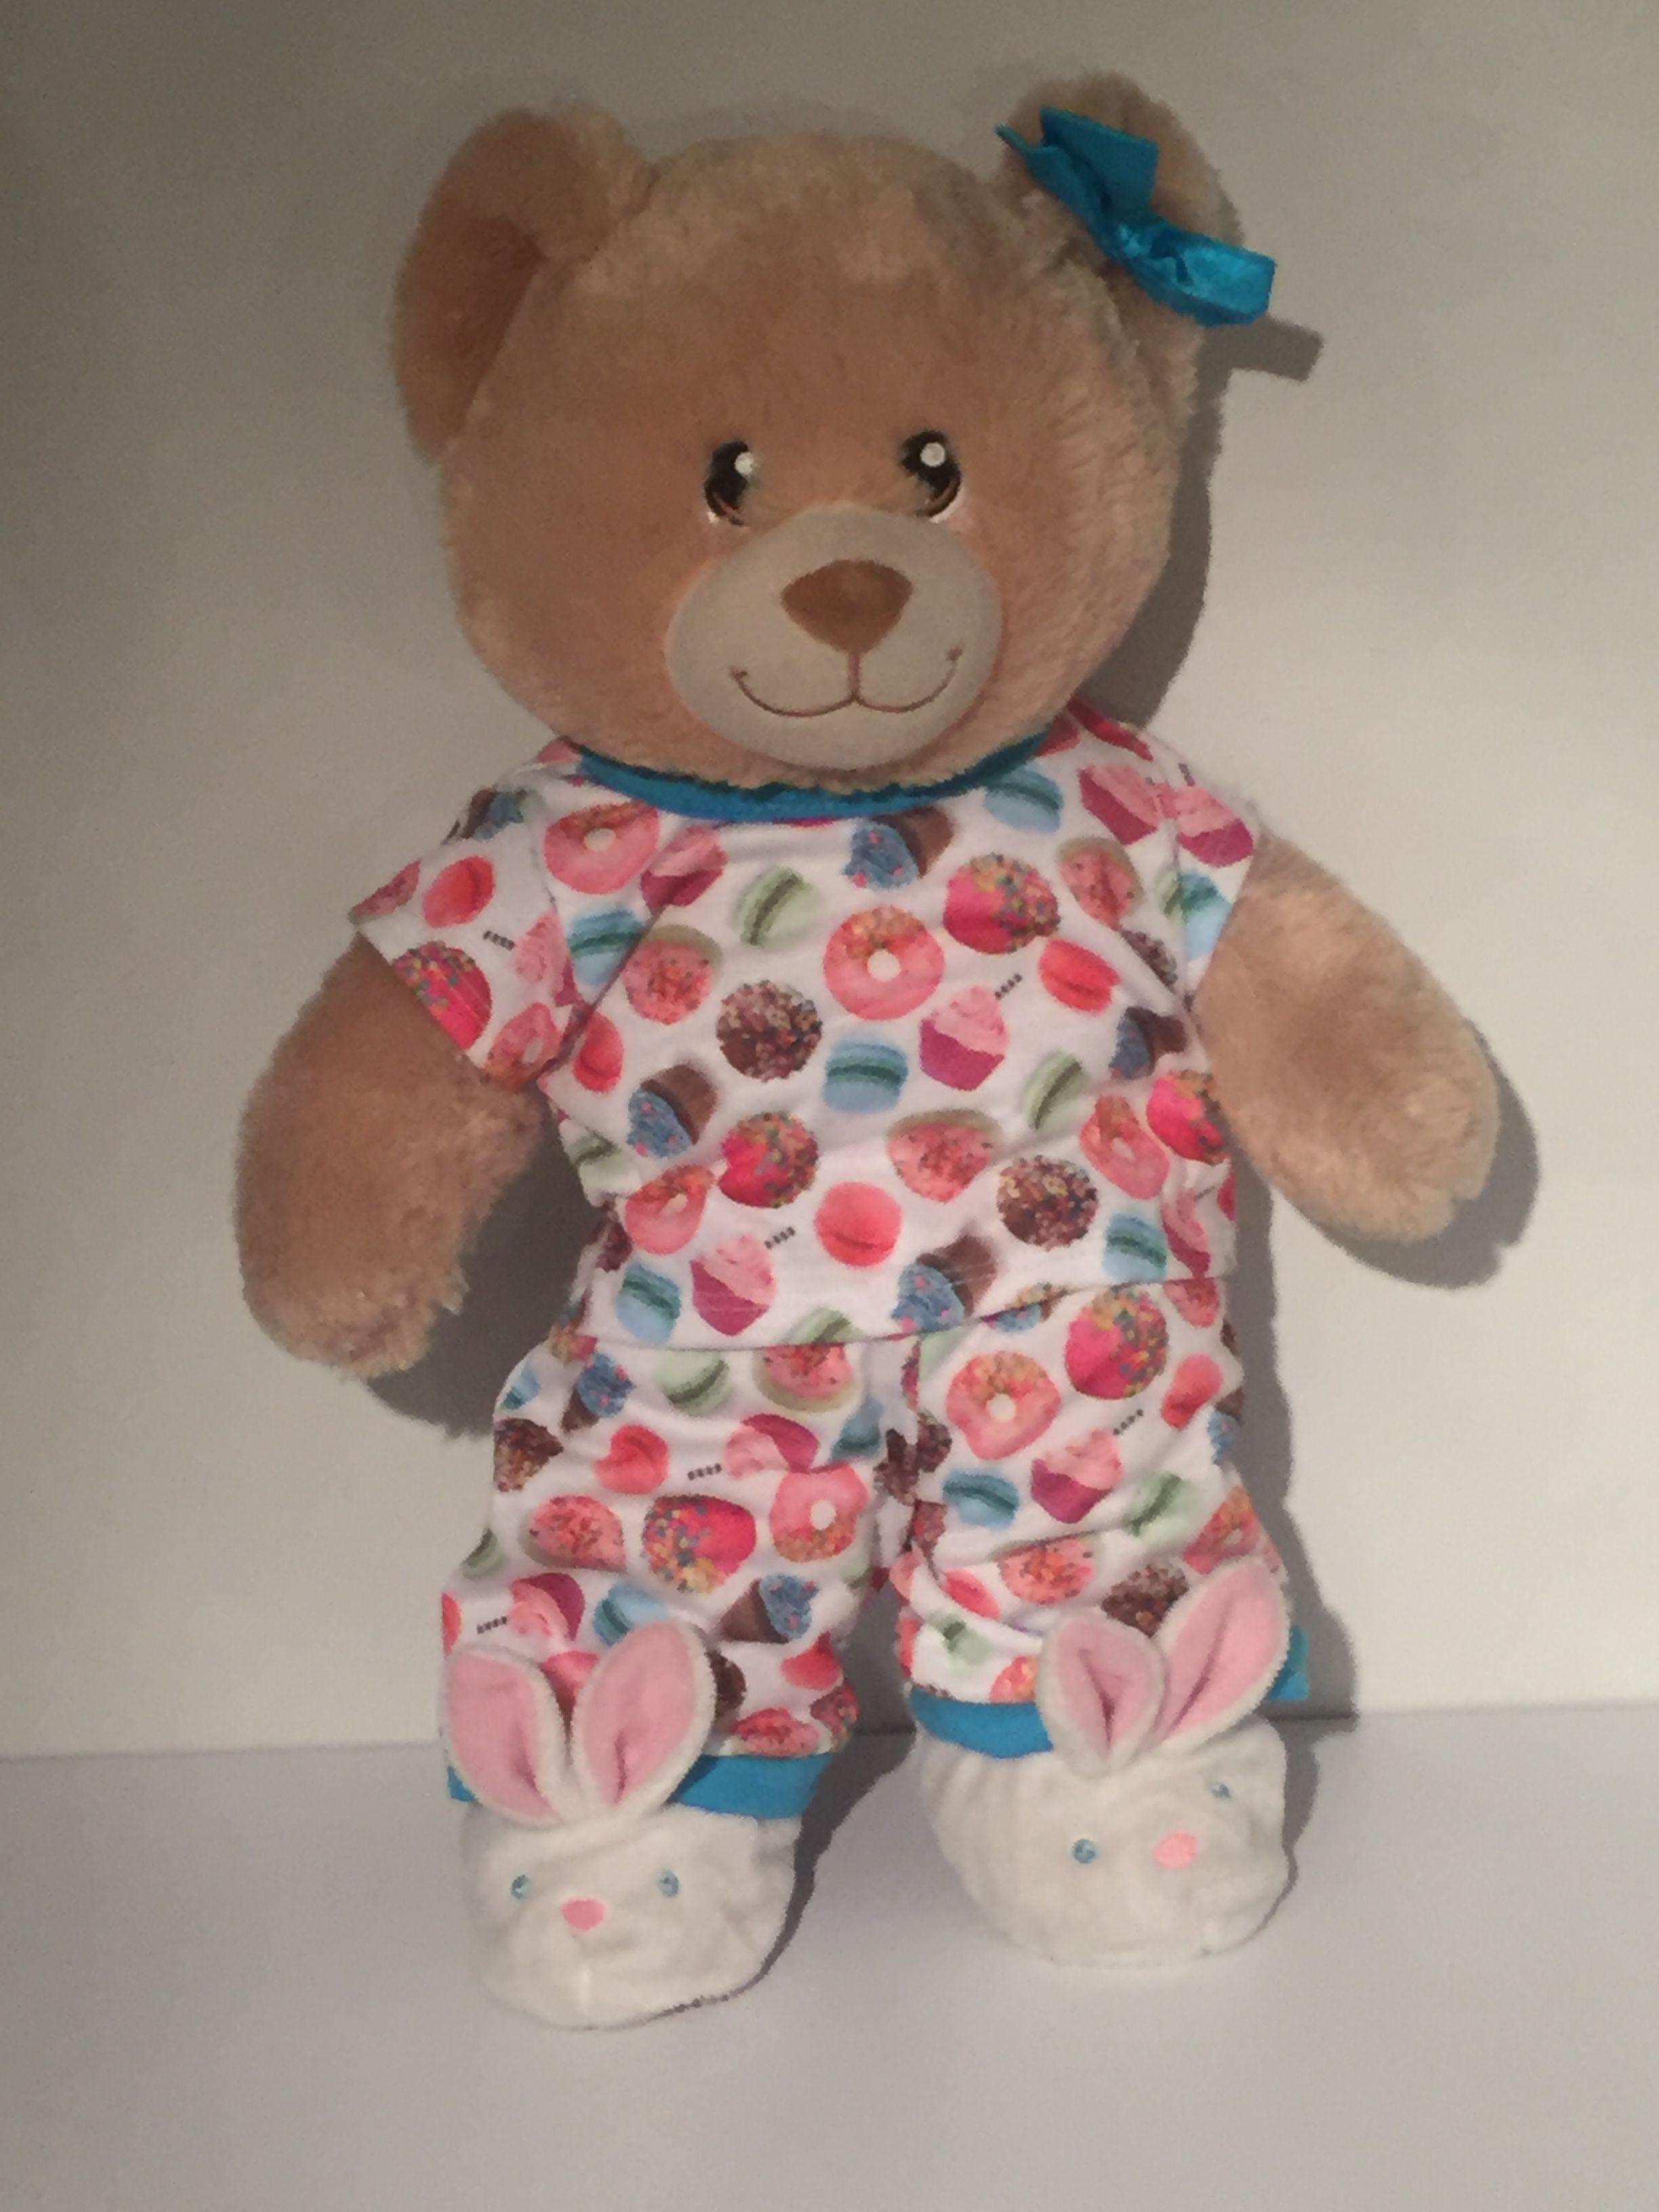 Pin By Deborah Blackwell On Build A Bear Build A Bear Cuddle Buddy Teddy Bear